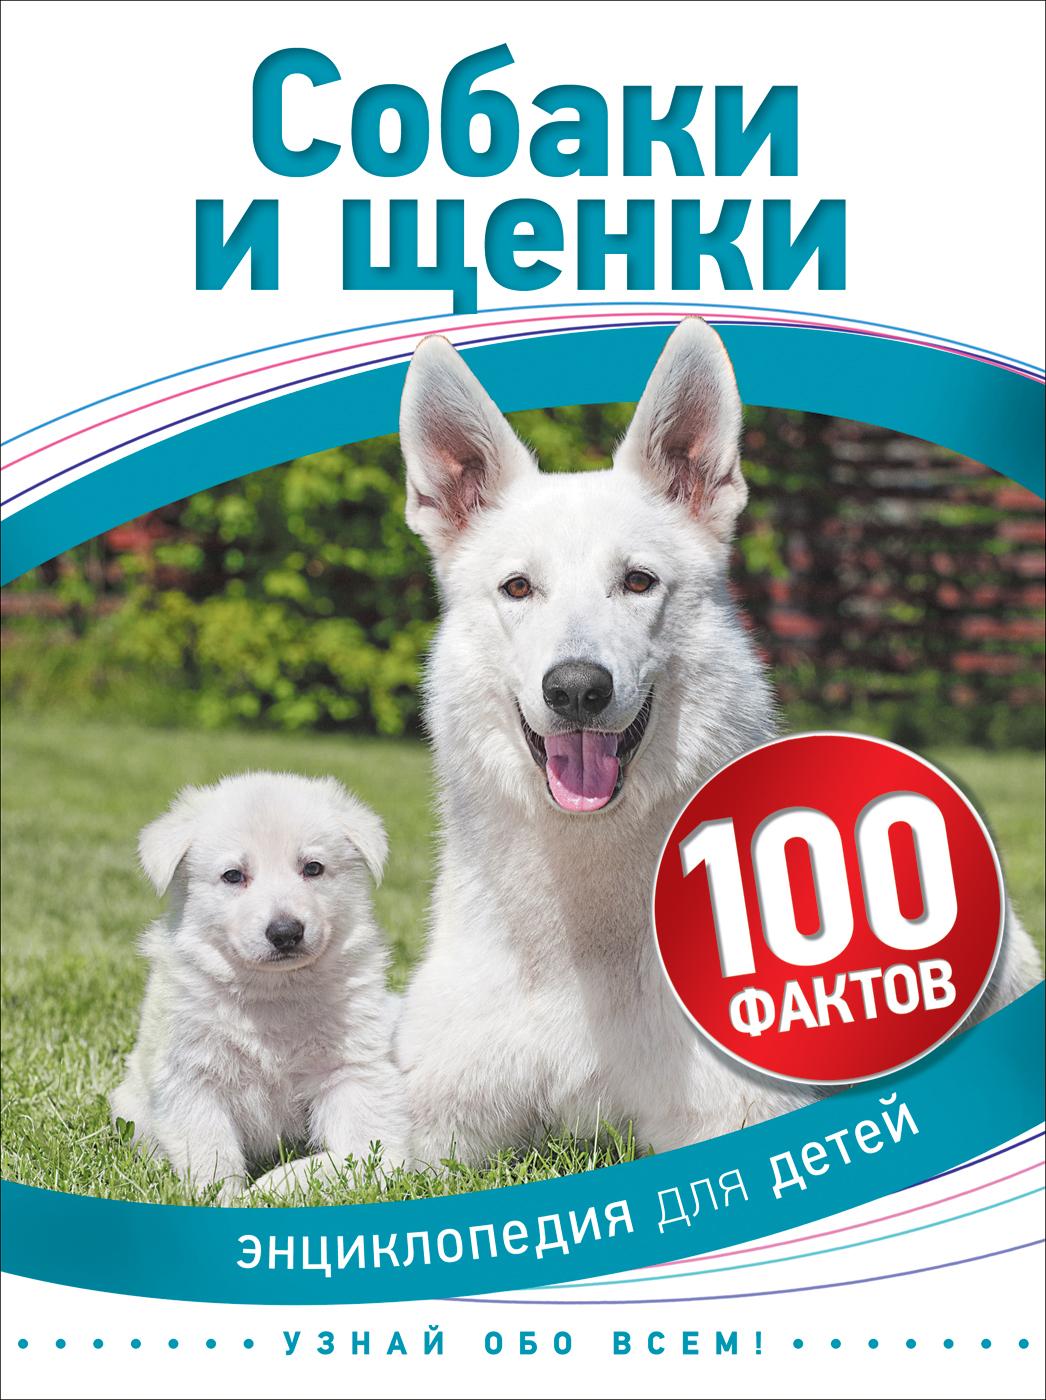 Энциклопедия для детей - Собаки и щенки, 100 фактовДля детей старшего возраста<br>Энциклопедия для детей - Собаки и щенки, 100 фактов<br>